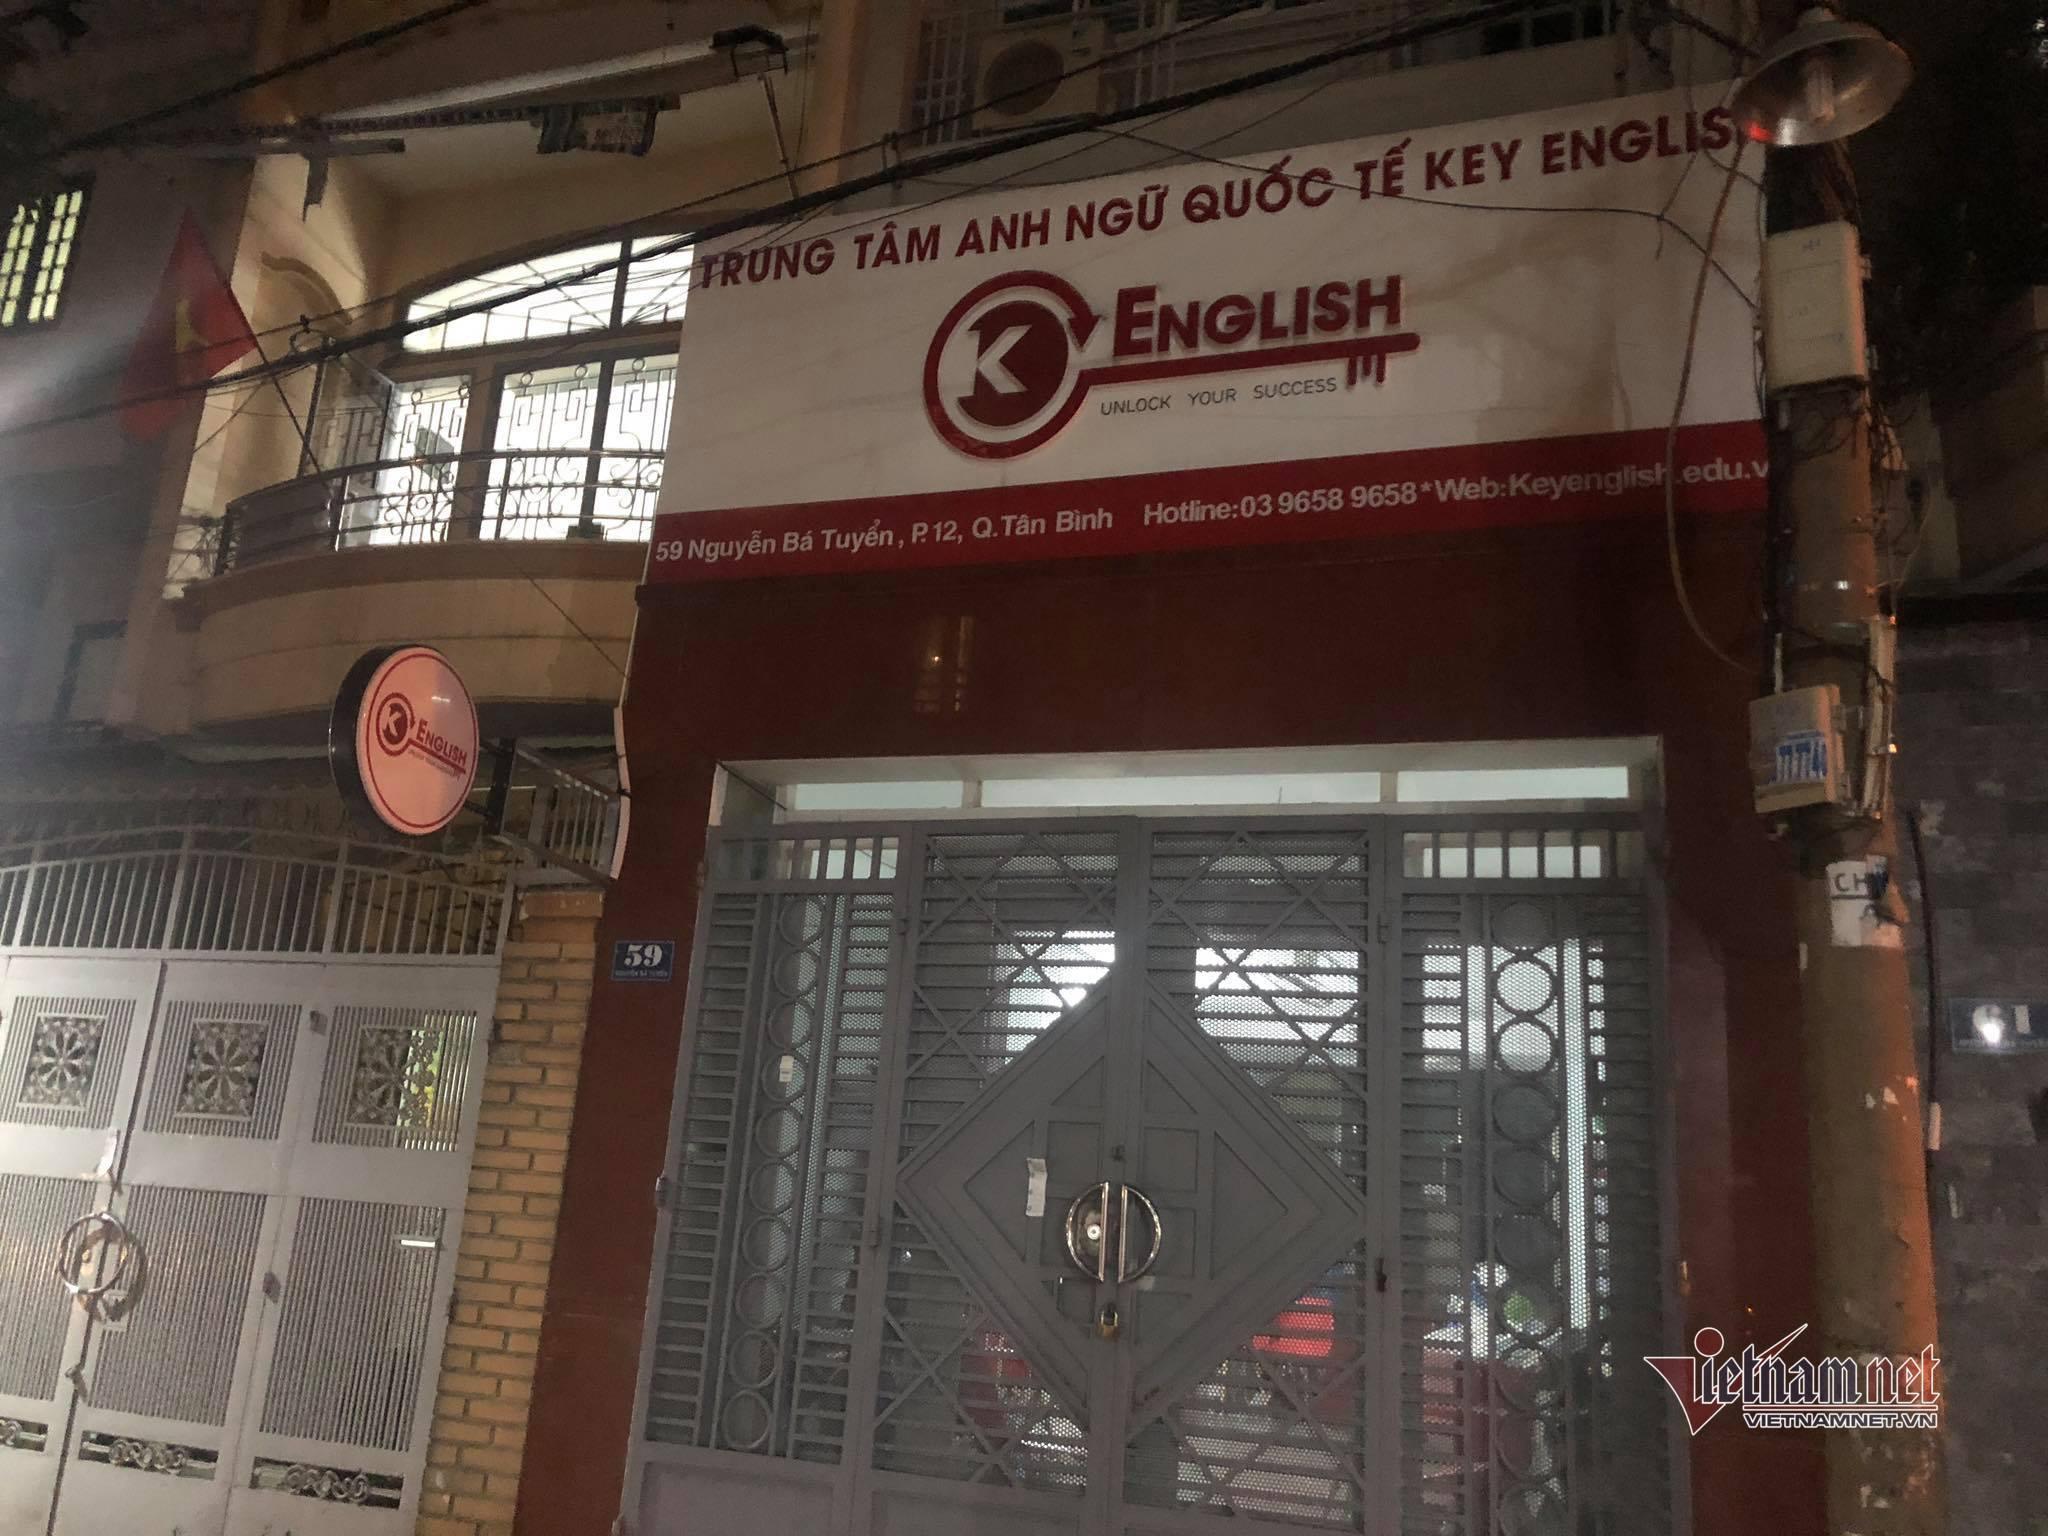 Trung tâm Anh ngữ trên đường Nguyễn Bá Tuyển (quận Tân Bình, TP.HCM), nơi bệnh nhân 1347 dạy học. Ảnh: Thanh Tùng